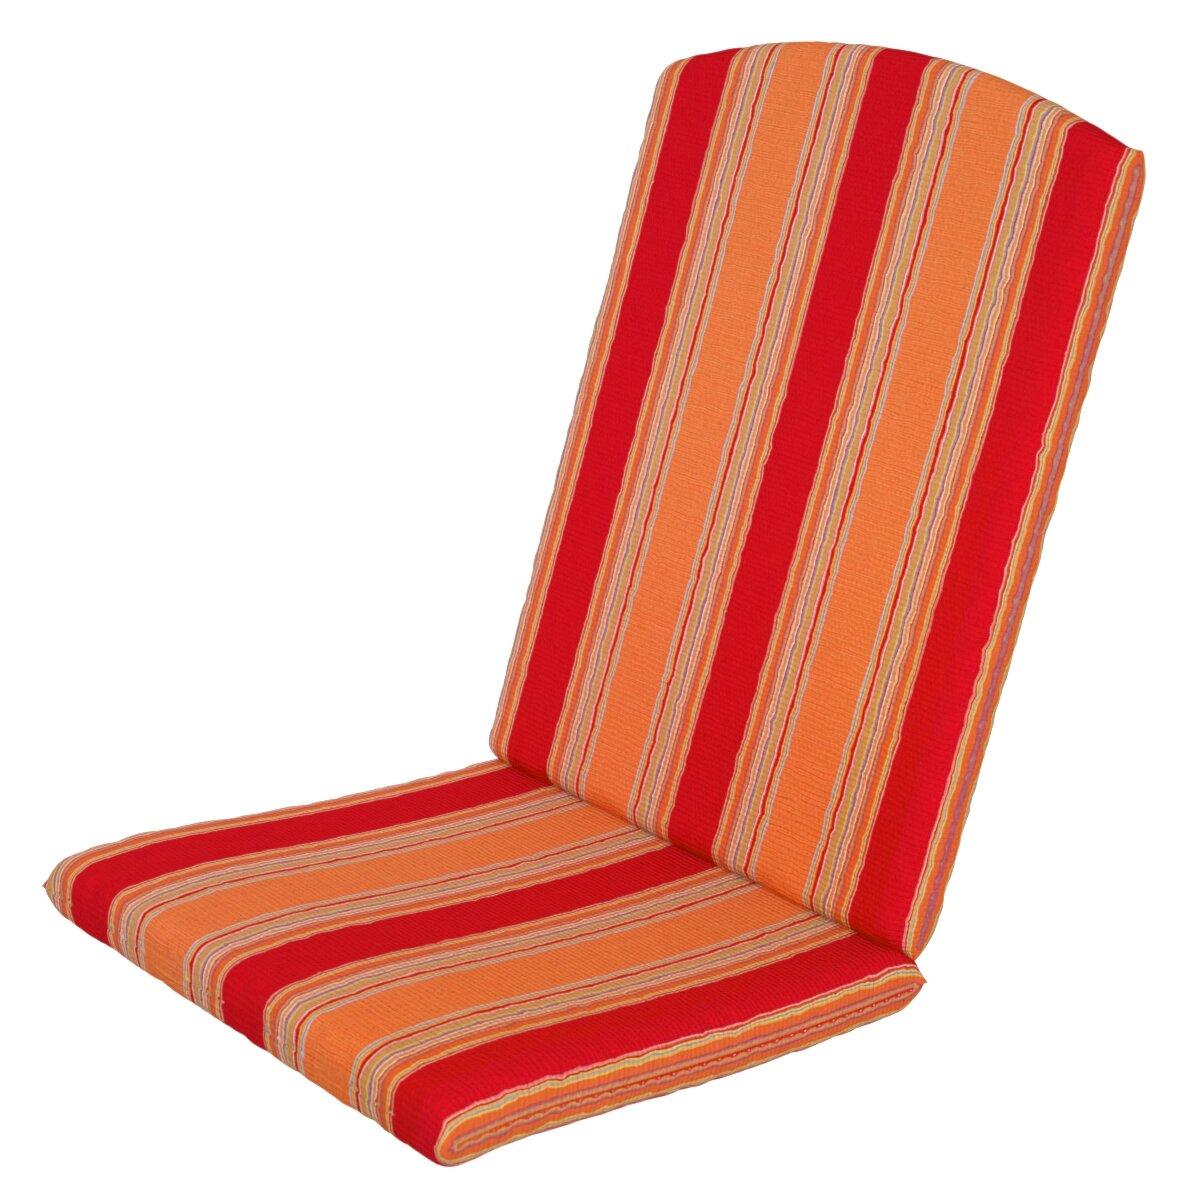 Trex Trex Outdoor Sunbrella Rocking Chair Cushion & Reviews